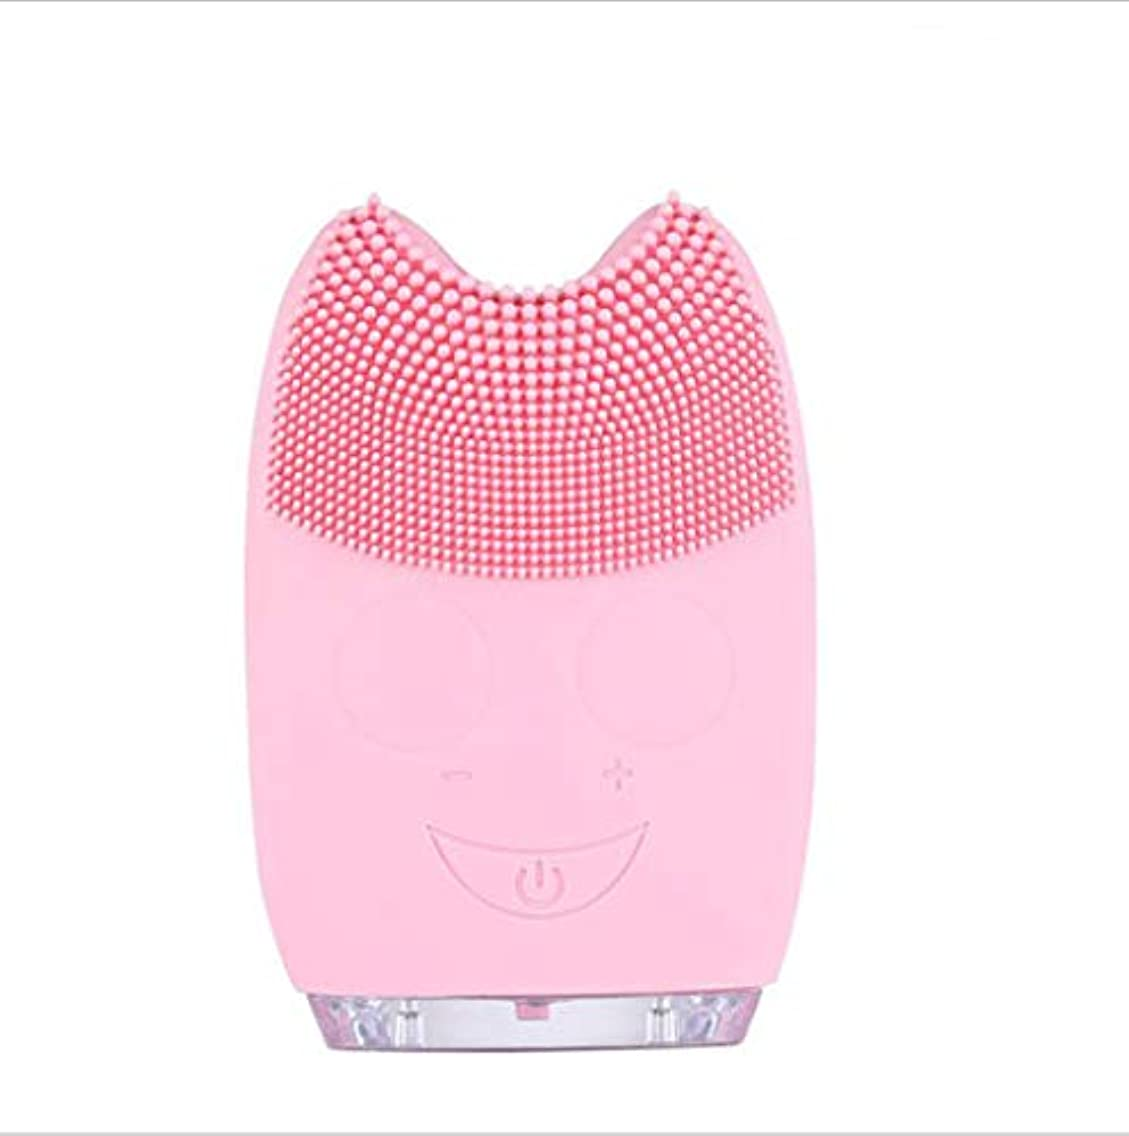 すべての肌のタイプに適した角質除去とアンチエイジング顔マッサージのためのシリコーン電気クレンジングブラシ,Pink